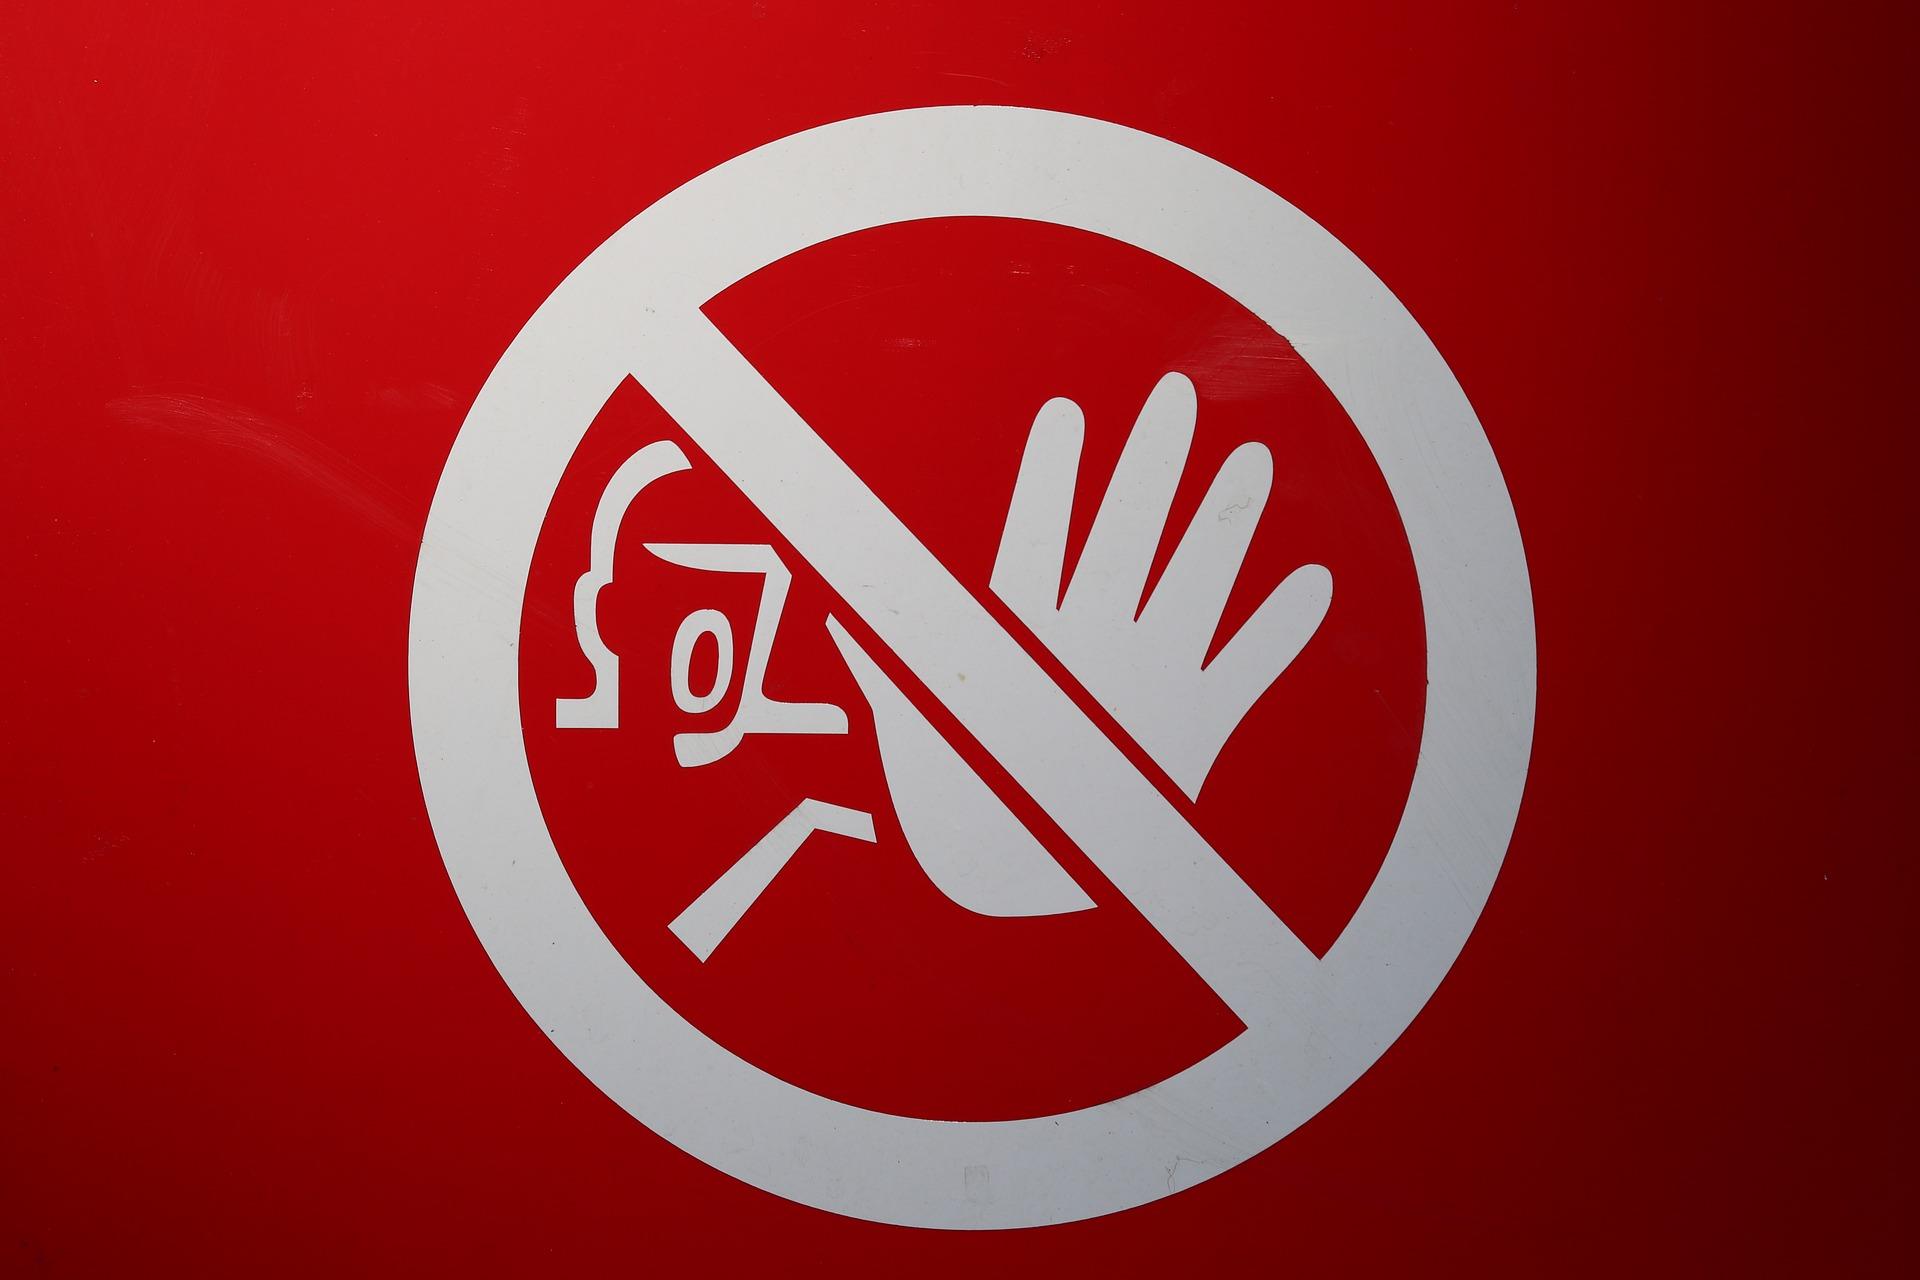 FTC、FDA向七家公司發出警告信,作出對於其產品能治療或預防冠狀病毒的不支持聲明